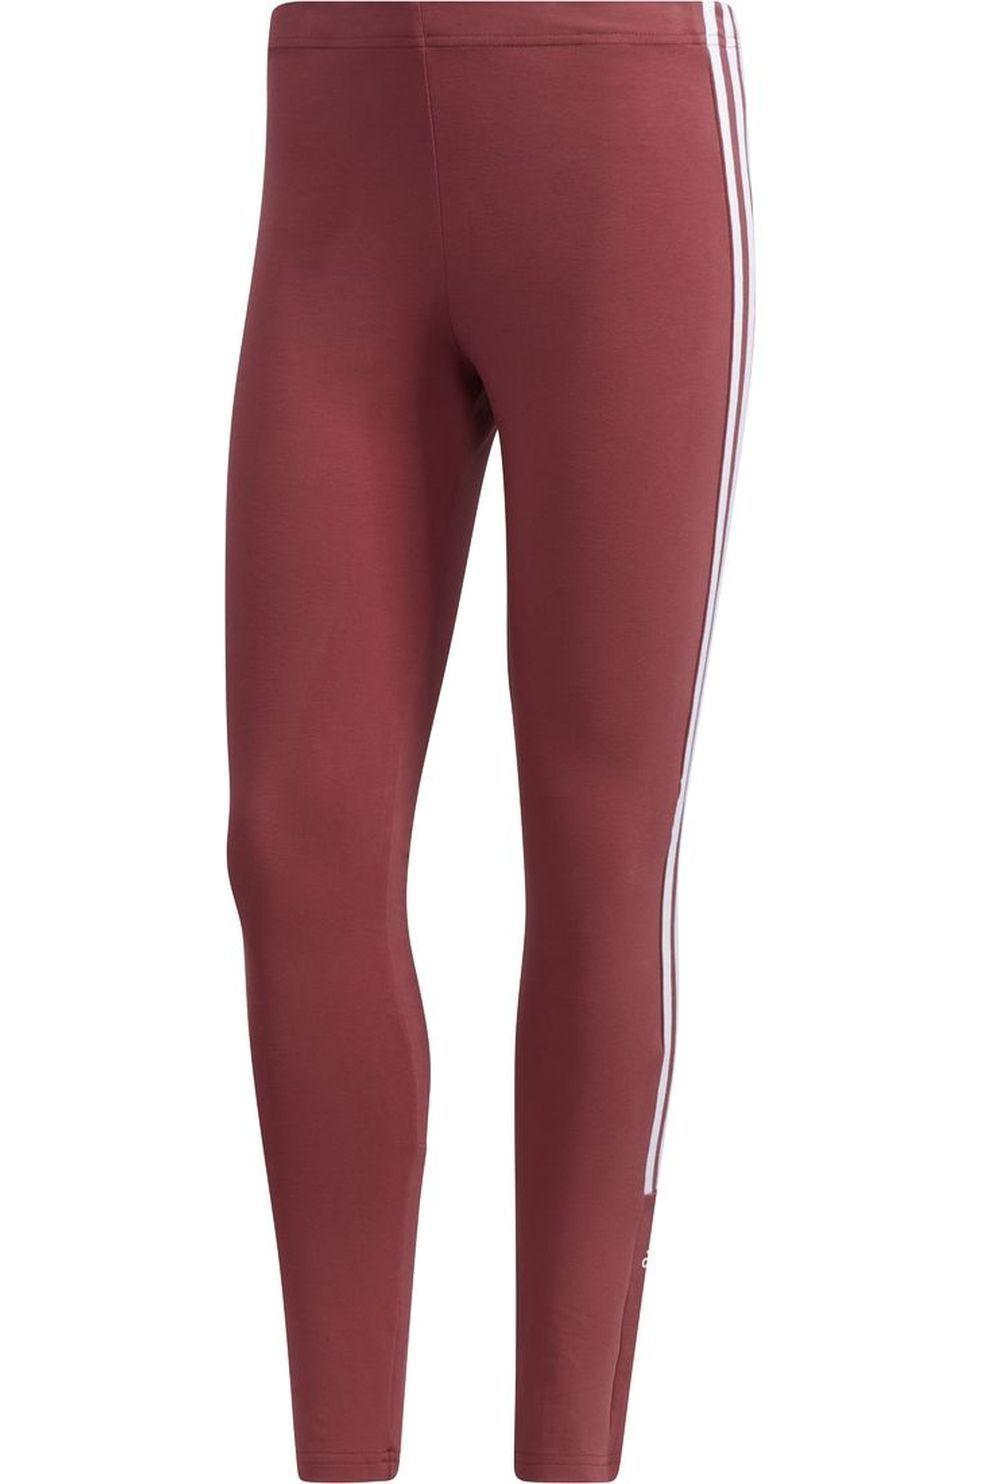 adidas Legging W New A 78 Tig voor dames - Rood - Maten: XS, S, L - Nieuwe collectie